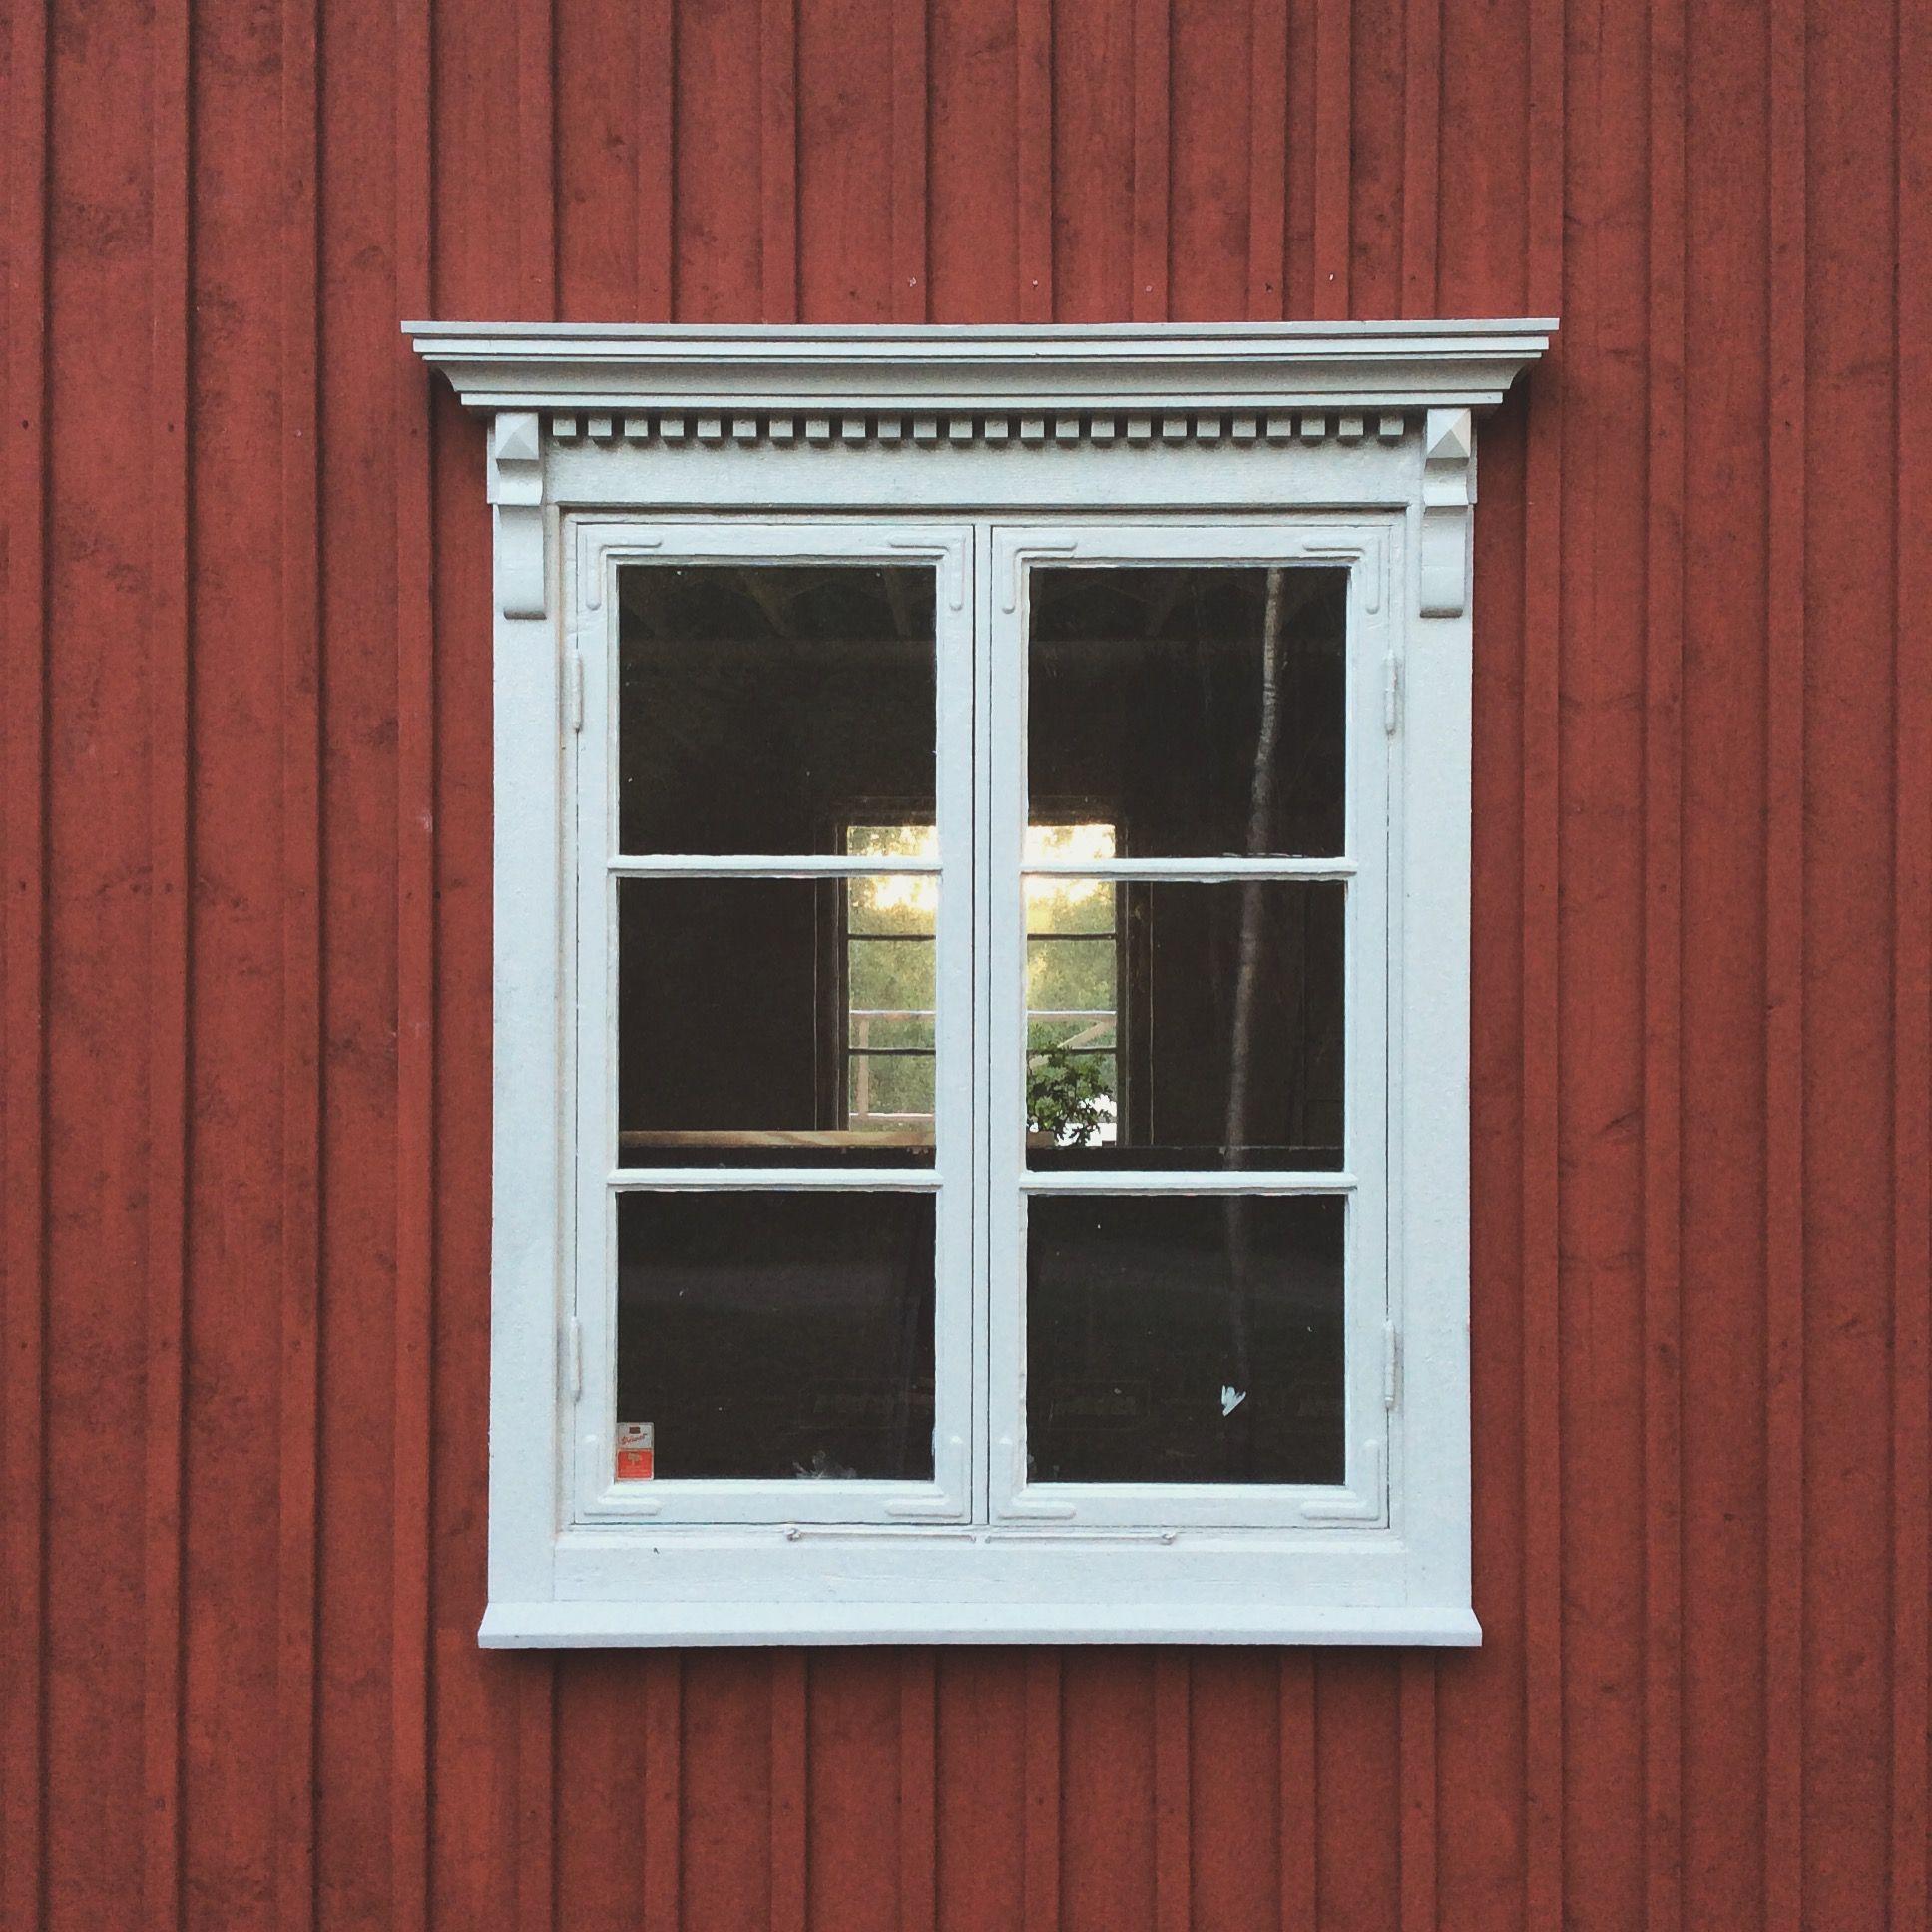 Fonster Kronlist Sprojs Snickargladje Sekelskifte Fonsterkroning Tallkrona Format Petervinter Tallkrona Fonster Design Kronlister Fonster